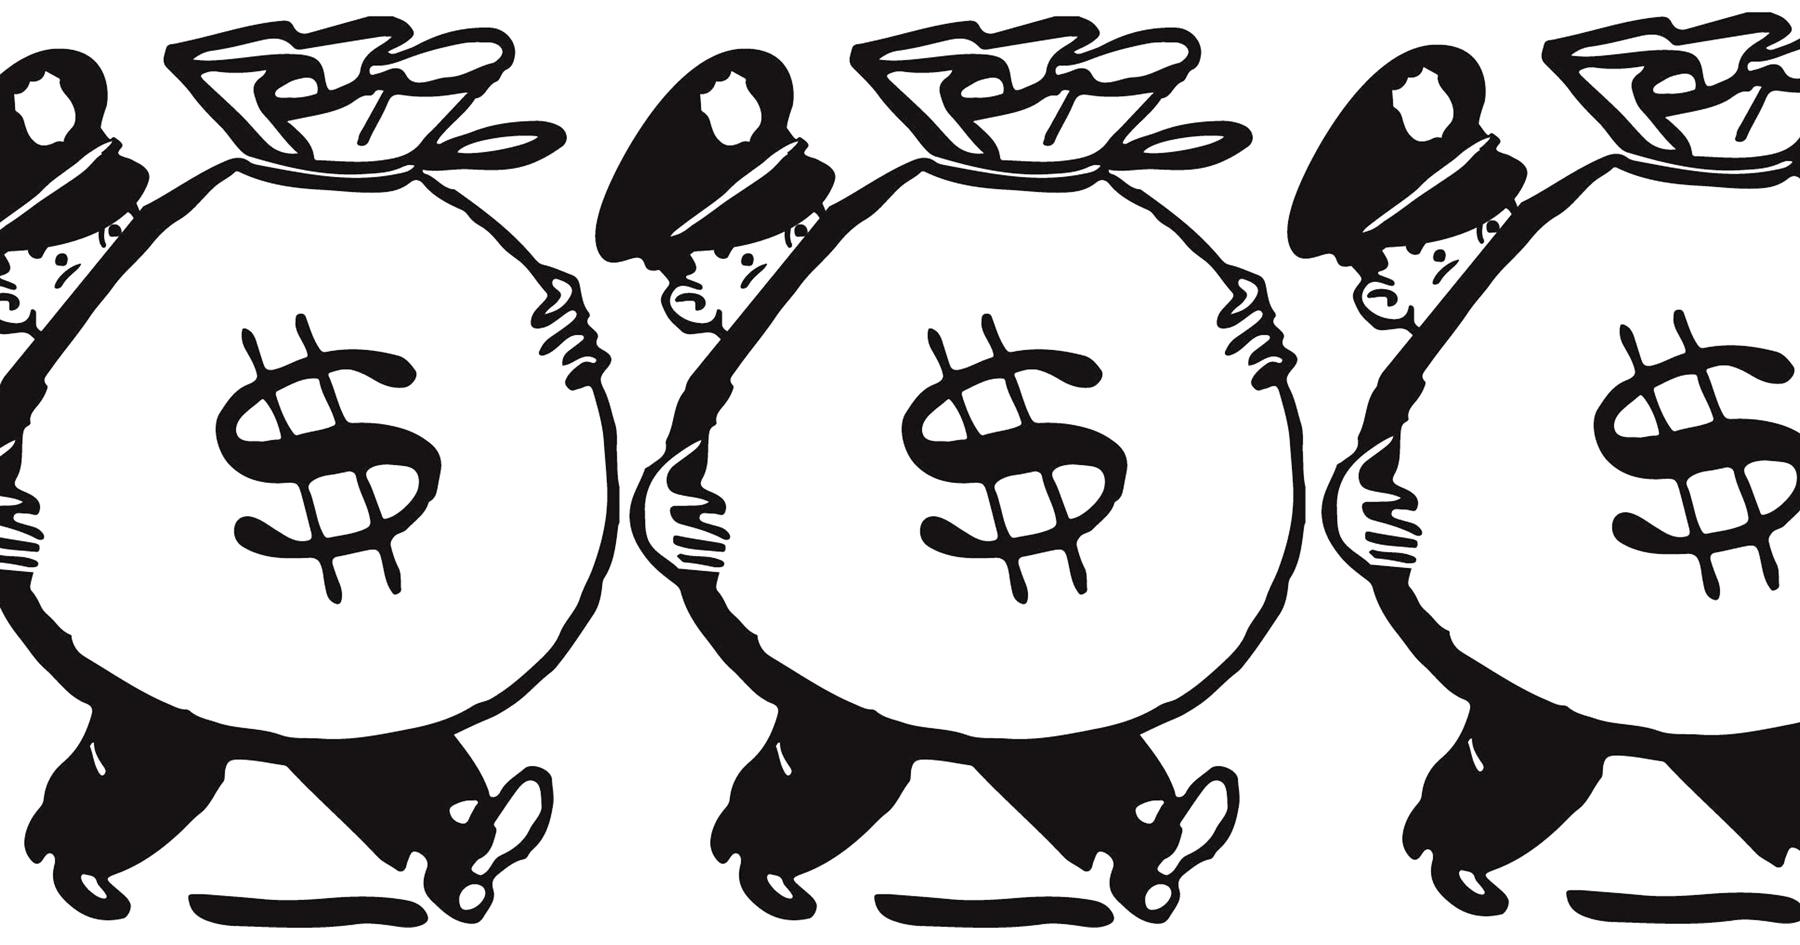 cops_with_money_bags.jpg